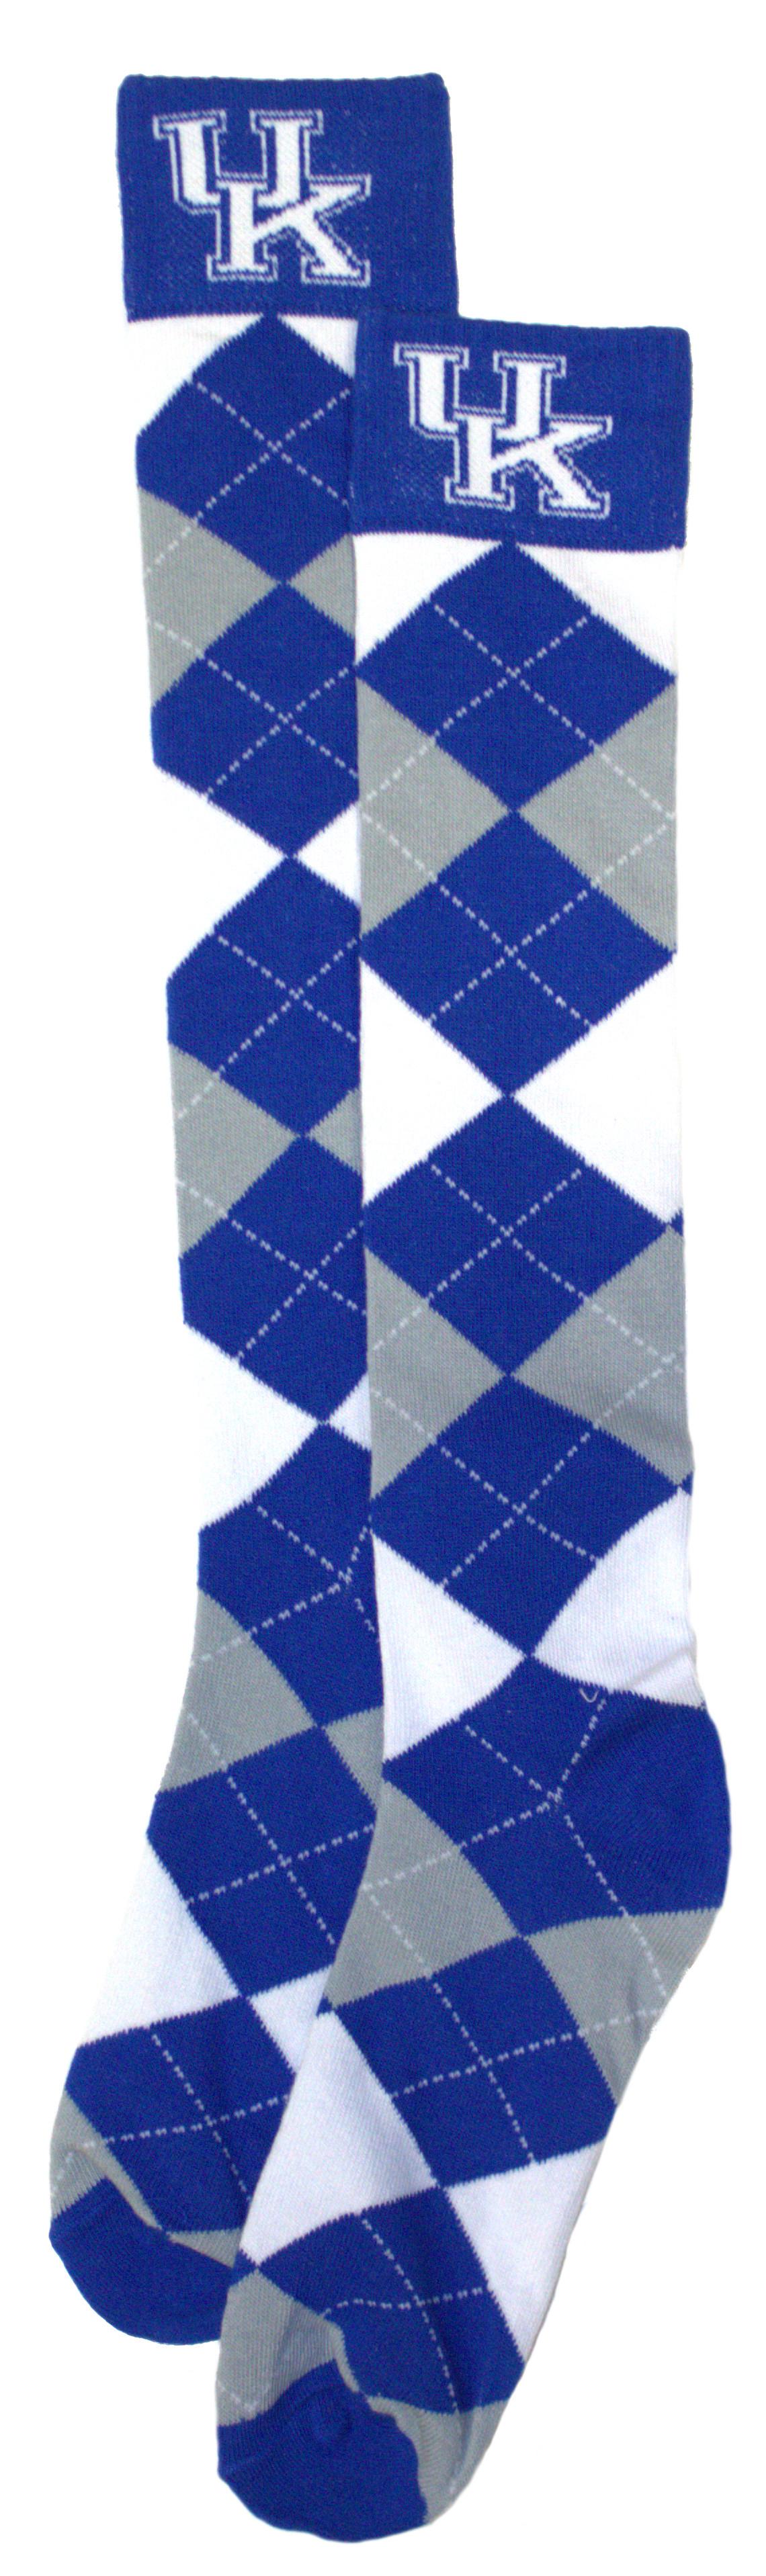 526c34cea62 Kentucky Wildcats Argyle Dress Socks 47977692388